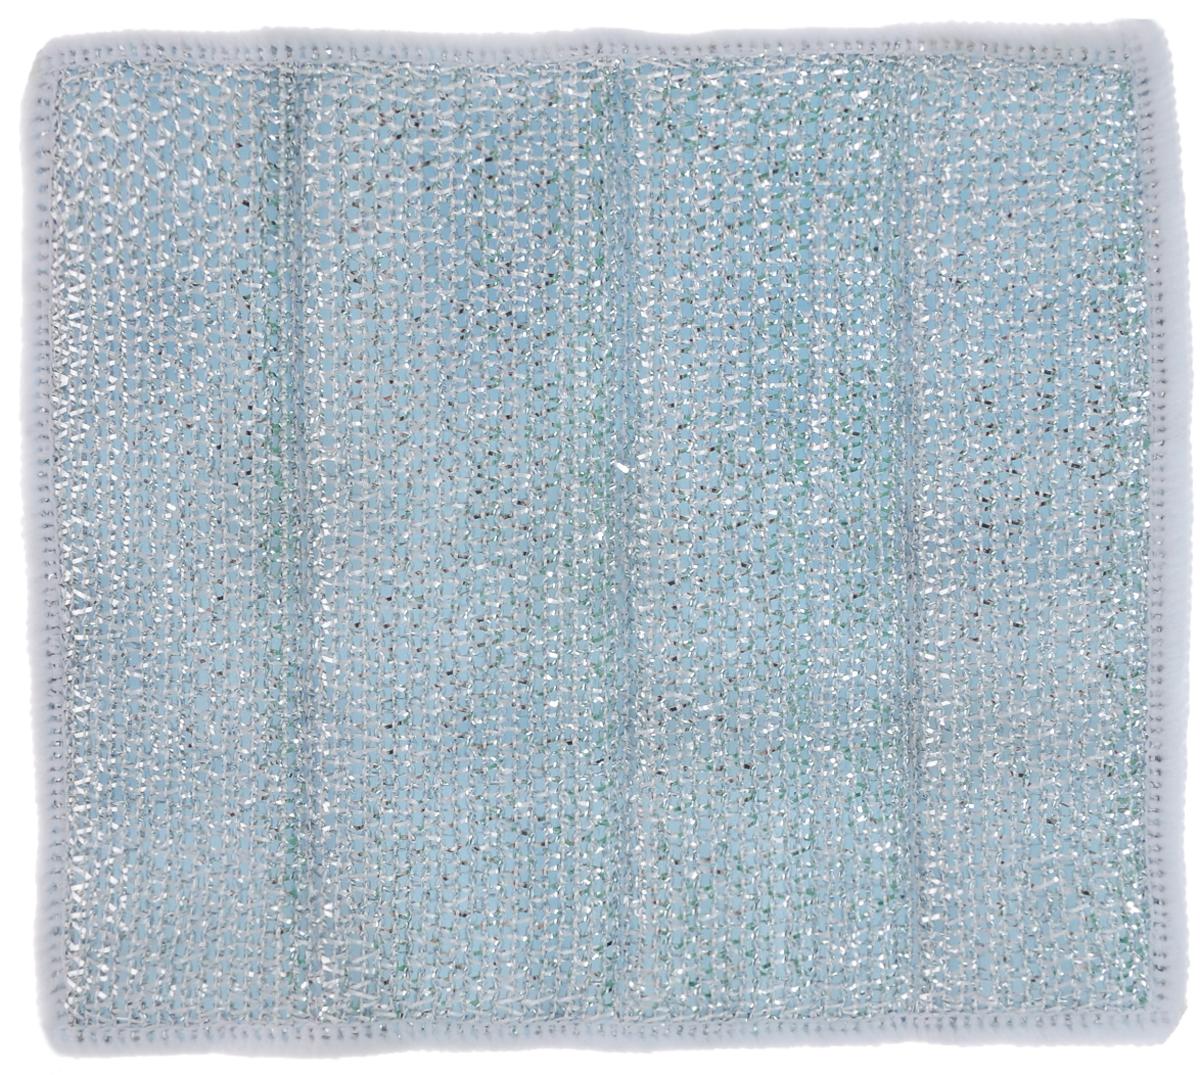 Салфетка для стеклокерамических плит Хозяюшка Мила, цвет: серебристый, голубой, белый, 21 х 17 см04024-150Салфетка для стеклокерамических плит Хозяюшка Мила станет незаменимым помощником на кухне. Жесткая сторона из фольгированного материала предназначена для очистки сильно загрязненных поверхностей. Мягкая сторона из микрофибры прекрасно впитывает влагу, удаляет грязь и пыль с деликатных поверхностей. Размер салфетки: 21 см х 17 см.